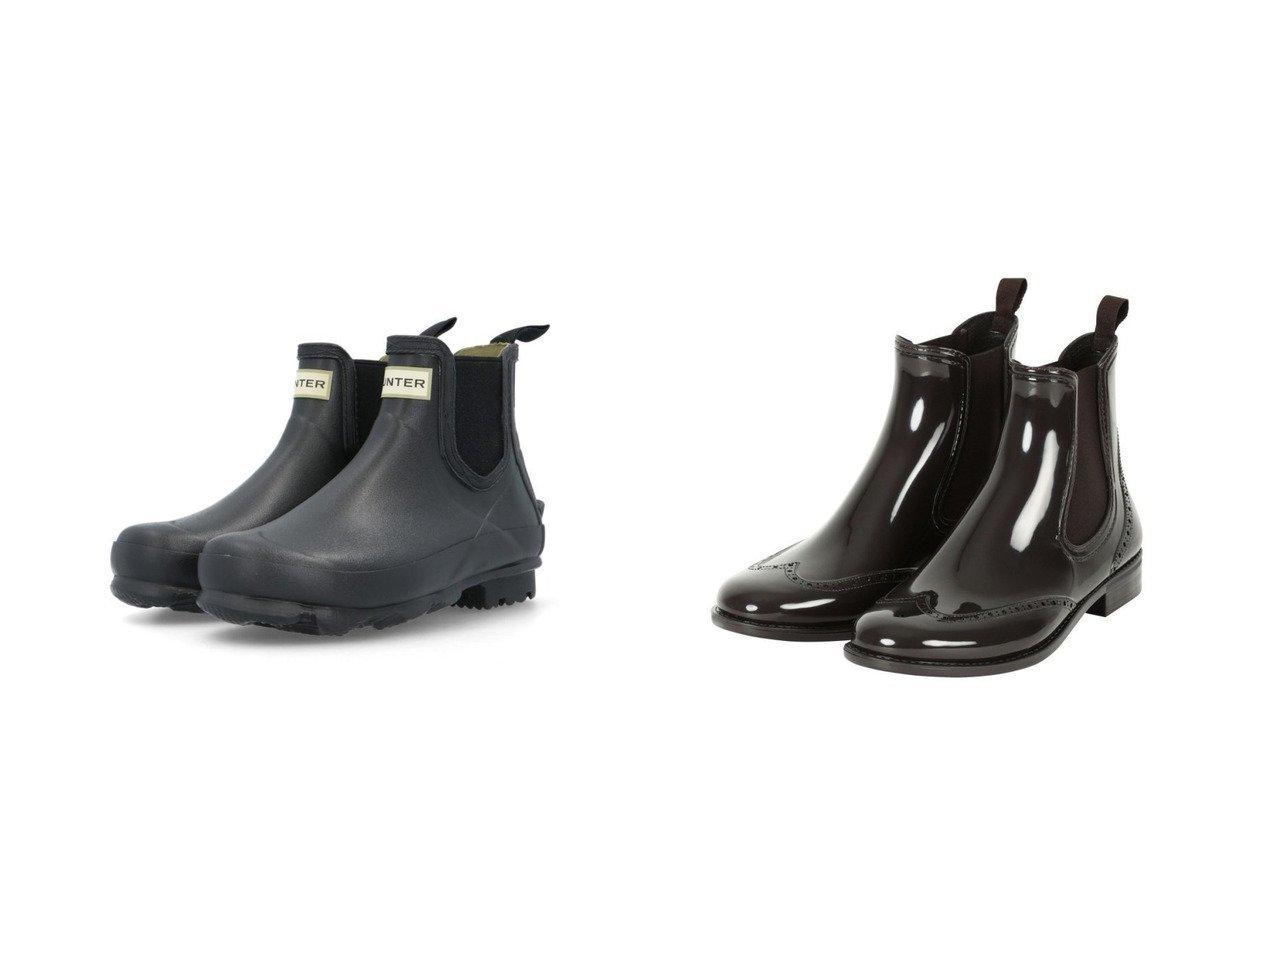 【TWW / Traditional Weatherwear/トラディショナル ウェザーウェア】のWING TIP SIDEGORE RAINBOOTS&【HUNTER/ハンター】のWOMENS NORRIS CHELSEA 【シューズ・靴】おすすめ!人気、トレンド・レディースファッションの通販   おすすめで人気の流行・トレンド、ファッションの通販商品 インテリア・家具・メンズファッション・キッズファッション・レディースファッション・服の通販 founy(ファニー) https://founy.com/ ファッション Fashion レディースファッション WOMEN シューズ おすすめ Recommend アウトドア 再入荷 Restock/Back in Stock/Re Arrival |ID:crp329100000050473